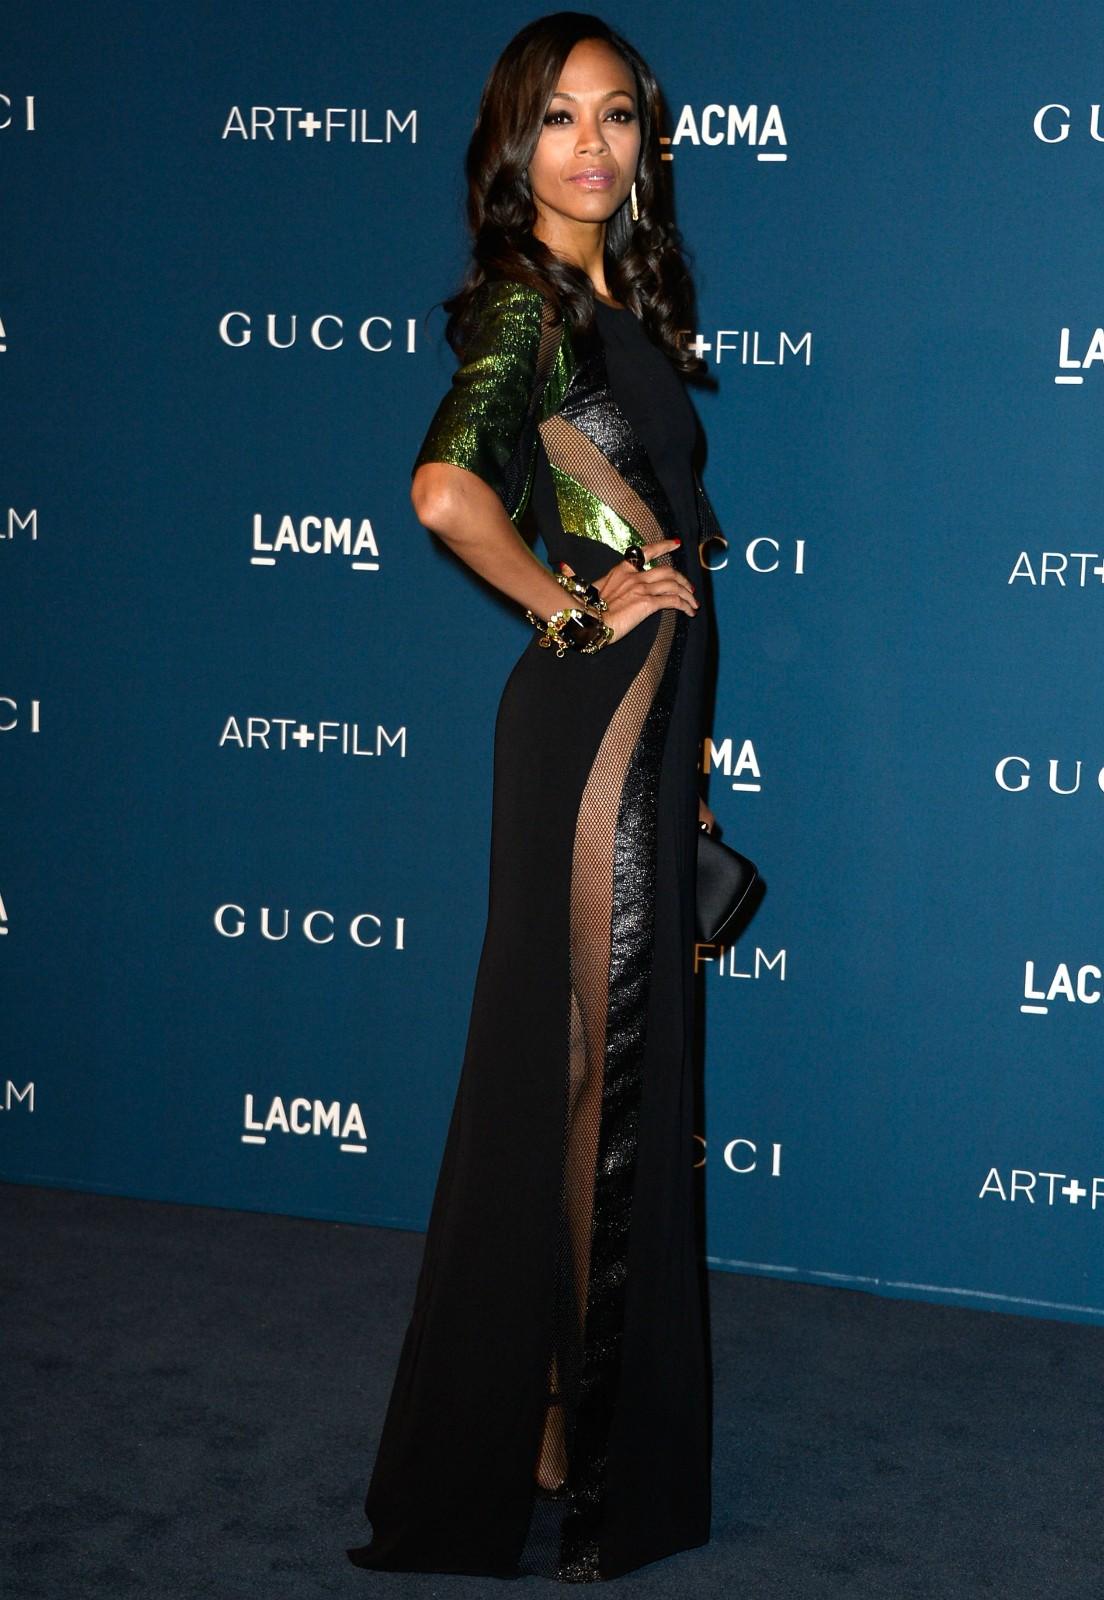 A atriz Zoe Saldana em um baile de gala no Museu de Arte do Condado de Los Angeles, em novembro de 2013. (Foto: Getty Images)